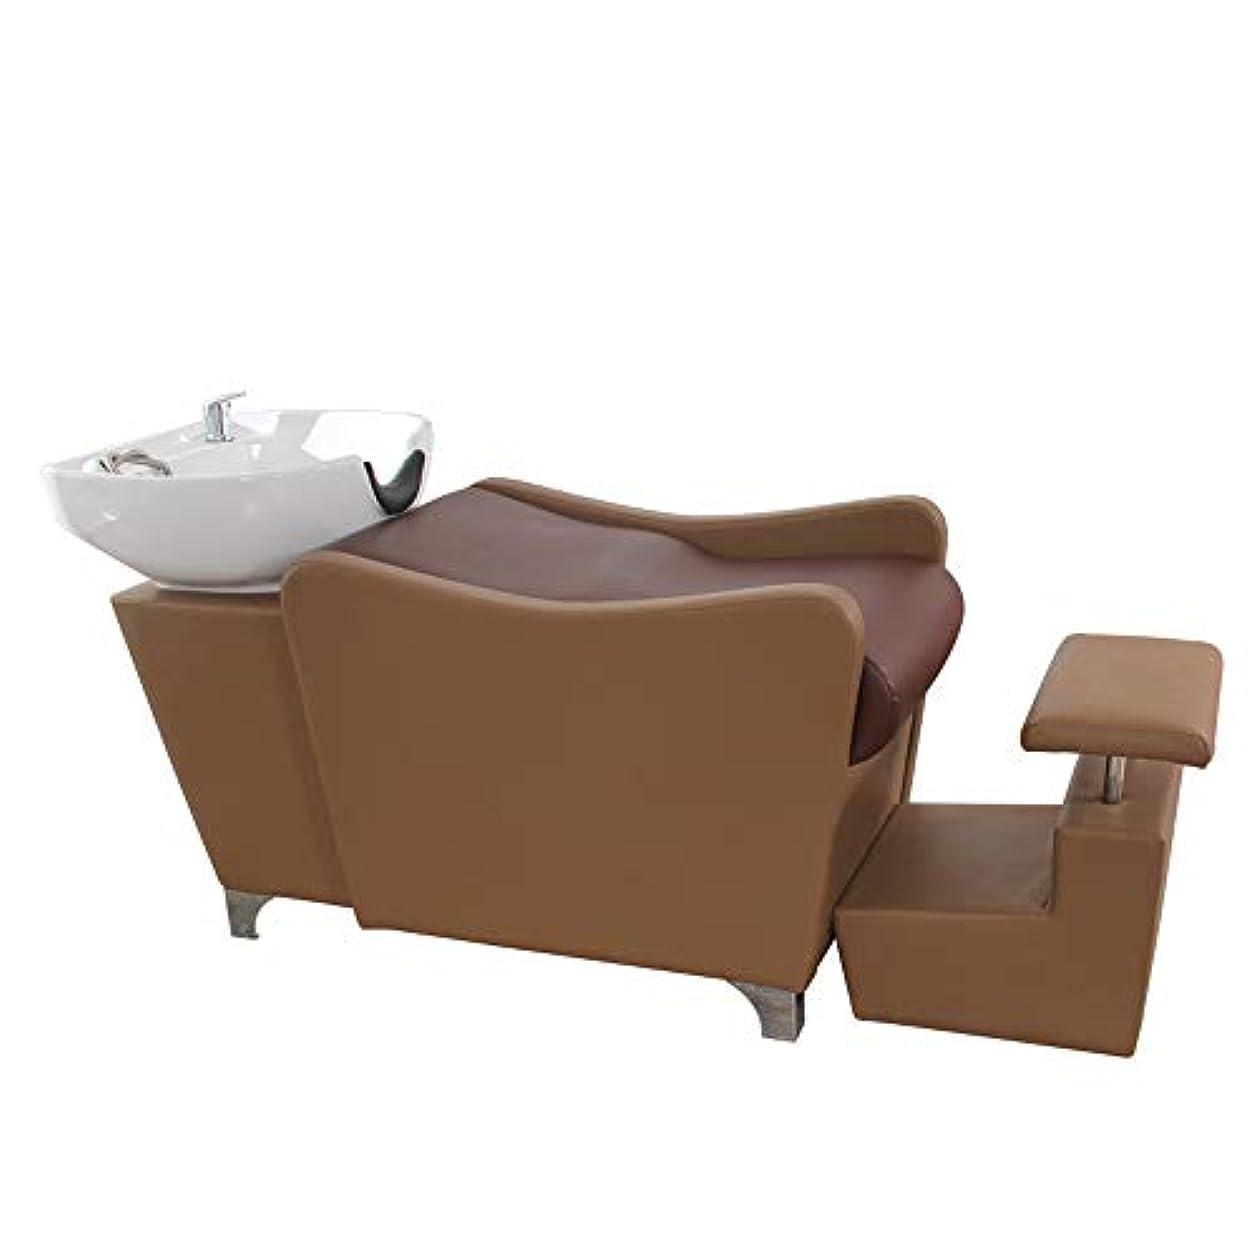 覚醒ウィザード隠シャンプーチェア、理髪店の逆洗ユニットシャンプーボウル理髪シンクの椅子用スパ美容院機器(ブラウン)